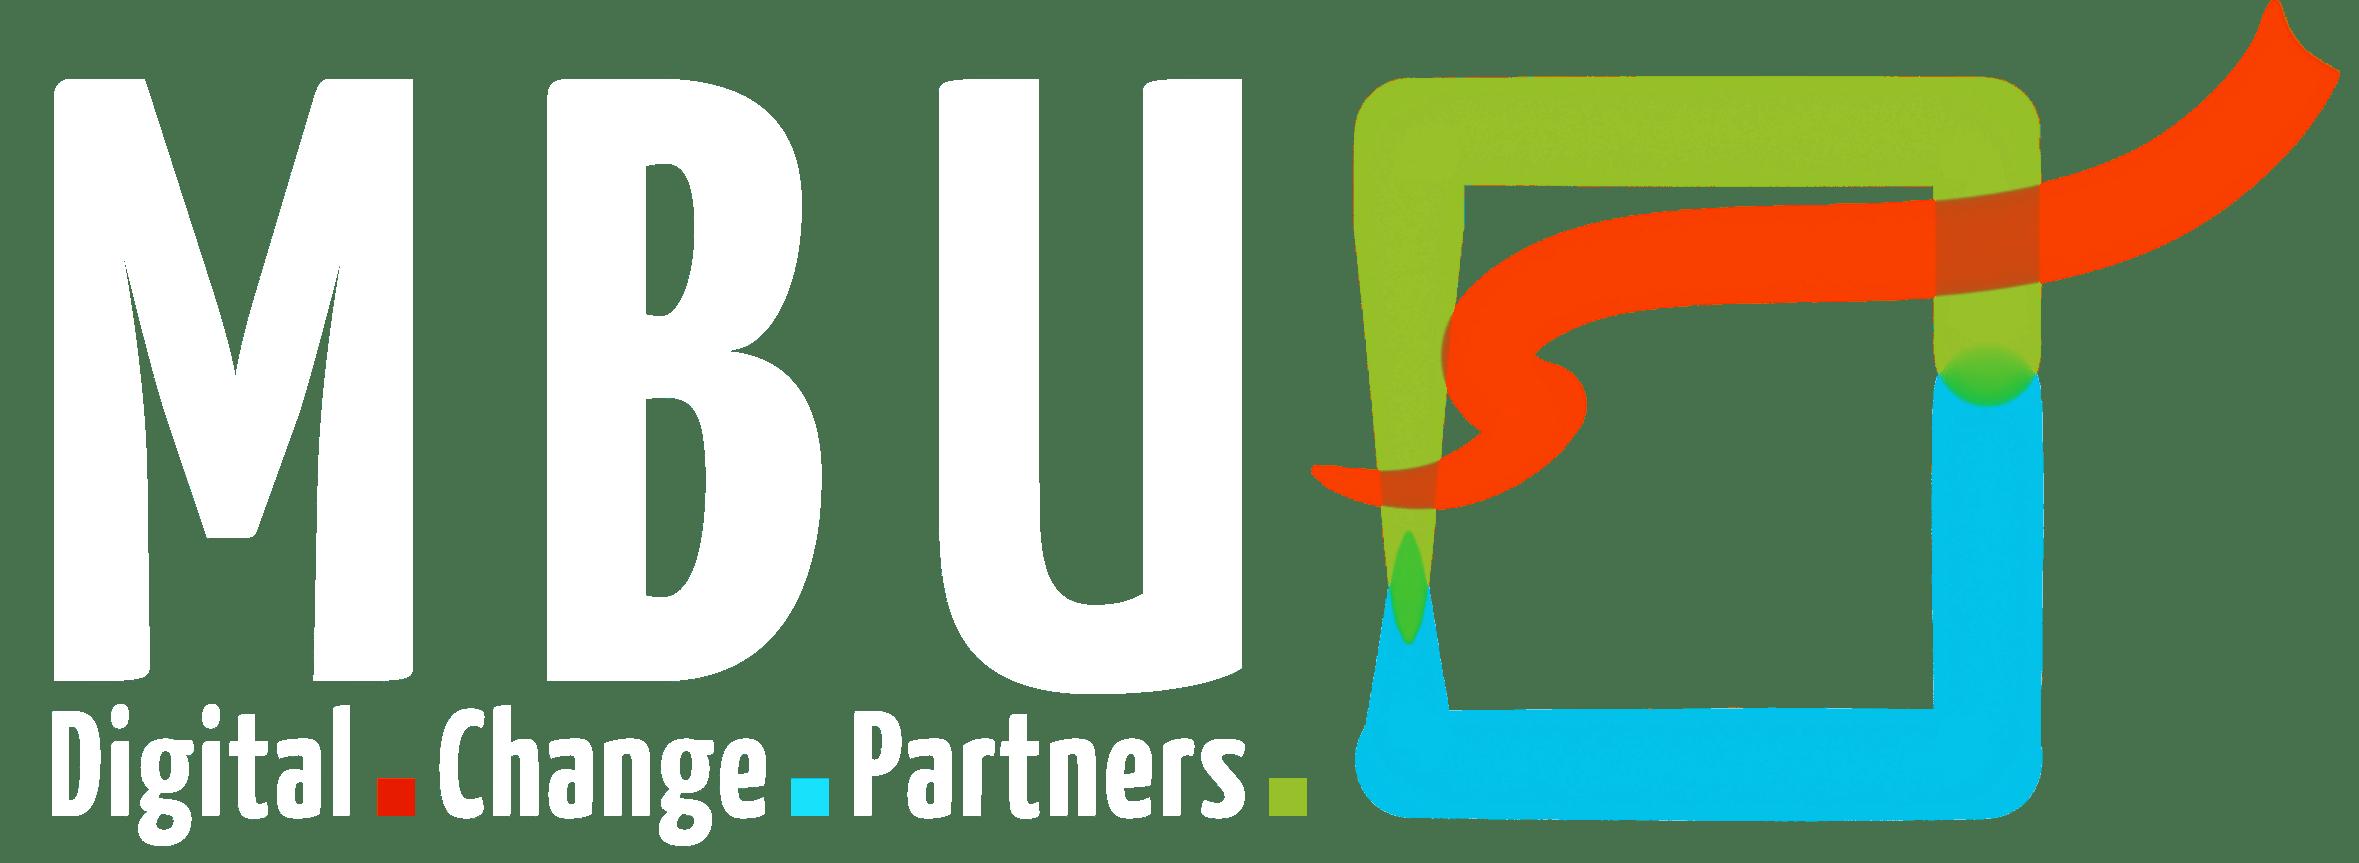 M.B.U. Digital Change Partners